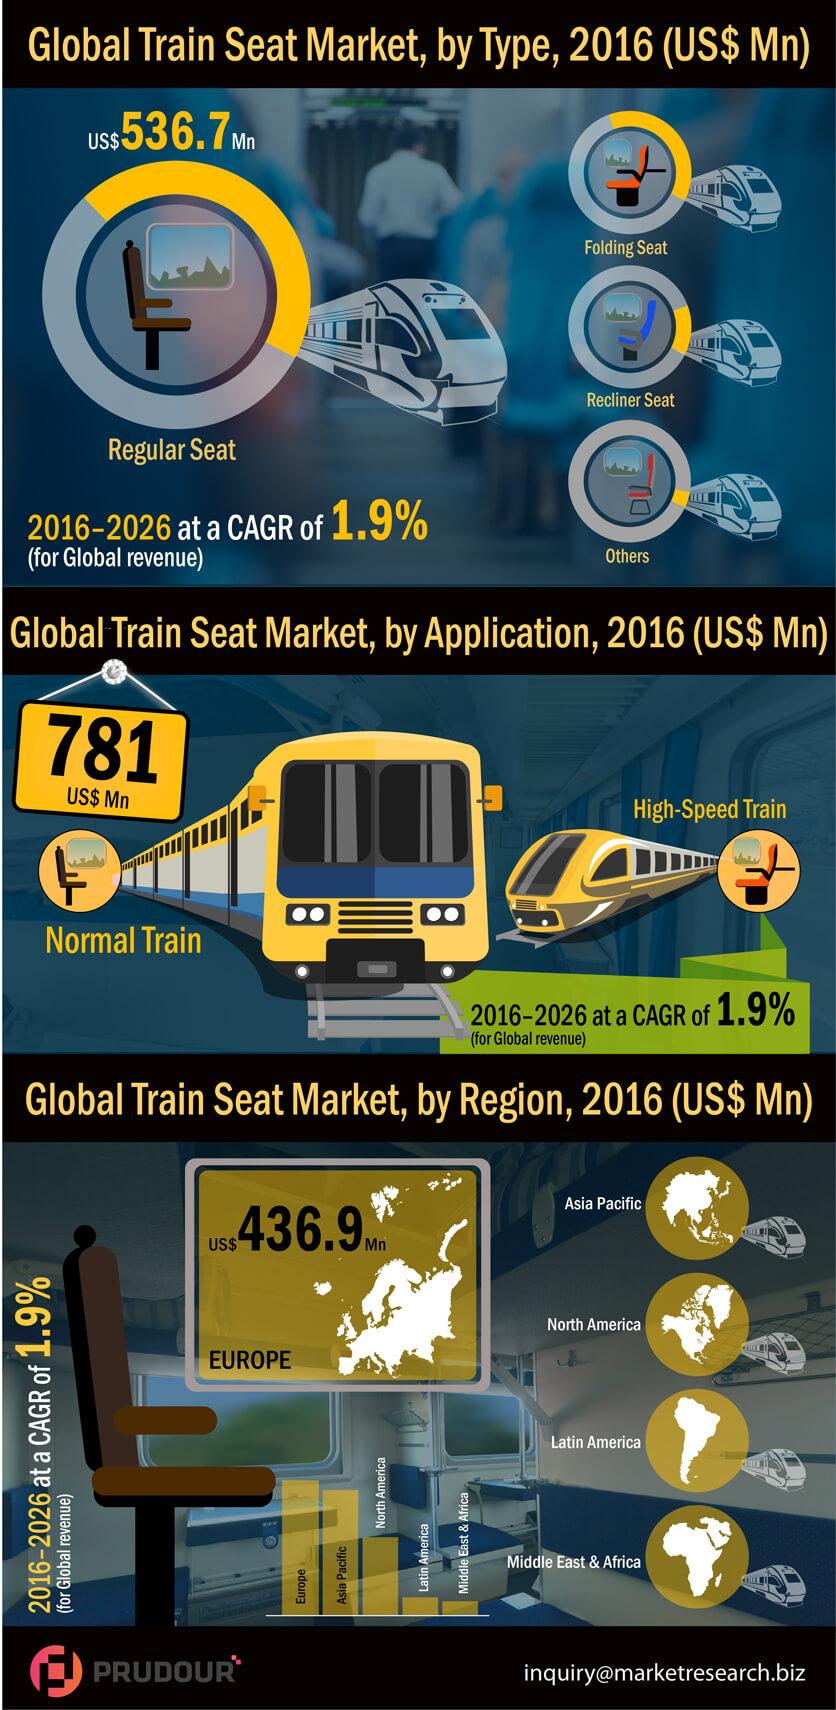 Worldwide Train Seat Market is witness to reach US$ 6,293.5 Mn in 2026